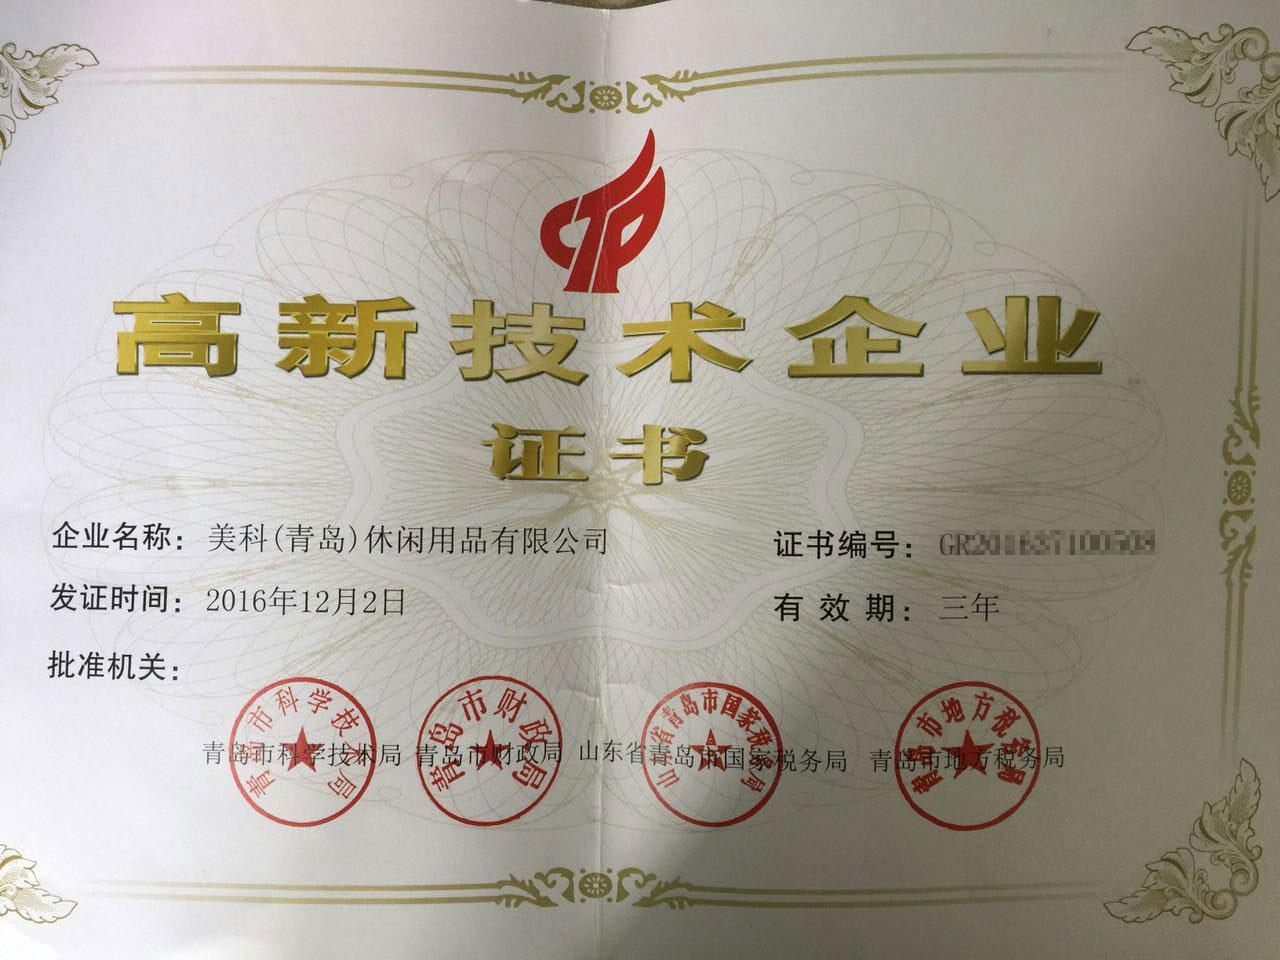 美科荣获高新技术企业荣誉